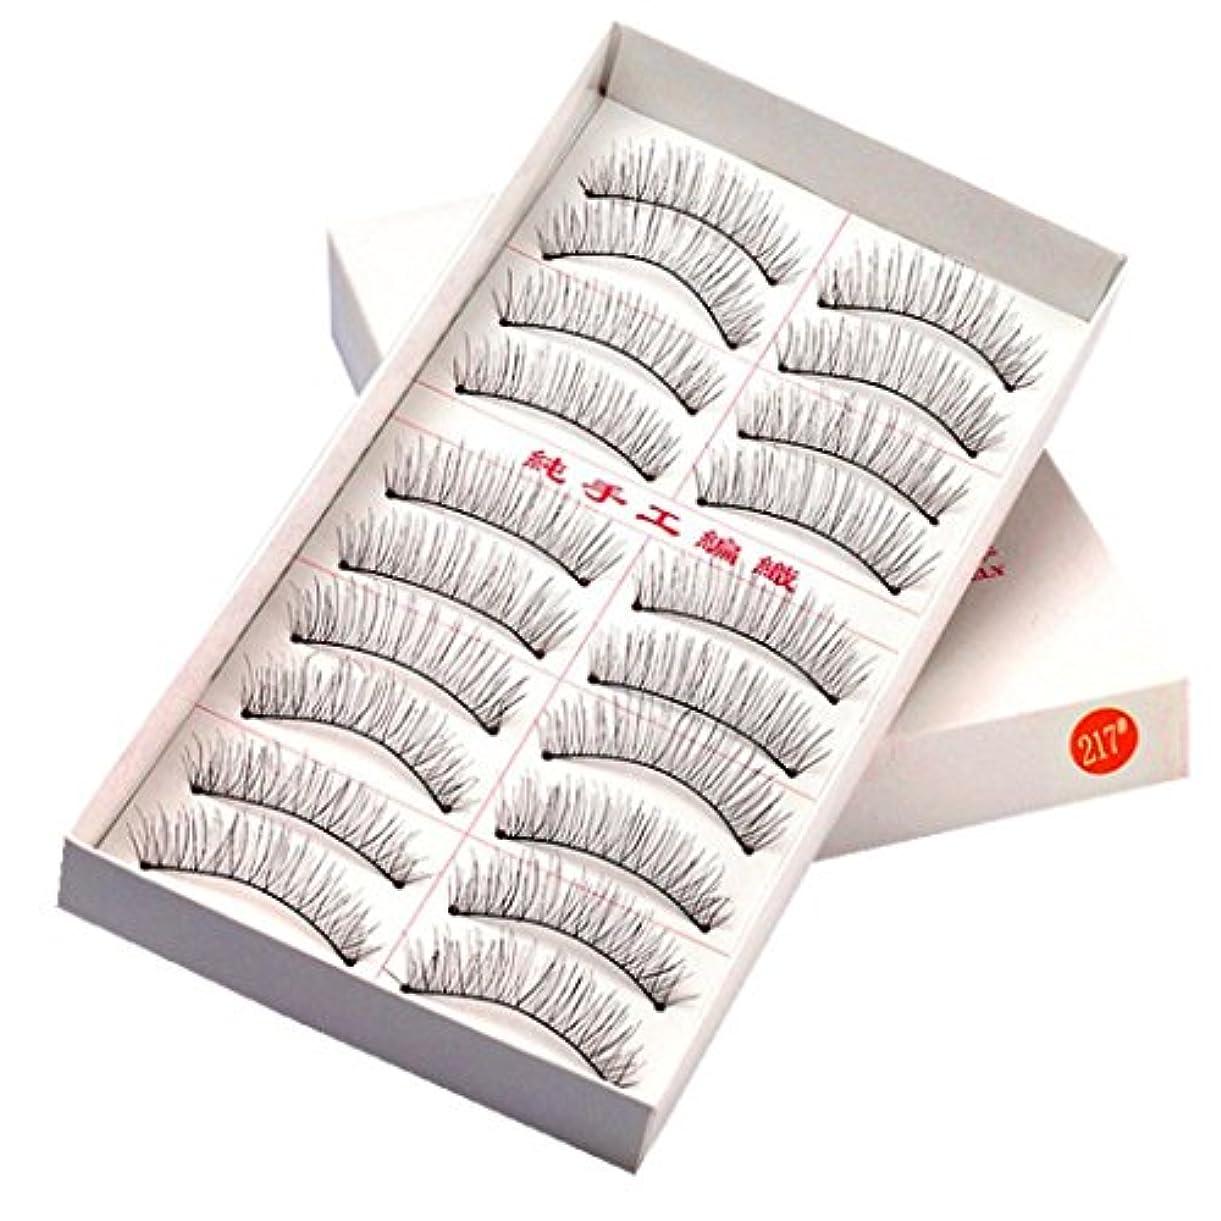 進む朝ごはん挨拶Feteso 10ペアセット つけまつげ 上まつげ Eyelashes アイラッシュ ビューティー まつげエクステ レディース 化粧ツール アイメイクアップ 人気 ナチュラル 飾り ふんわり 装着簡単 綺麗 変身